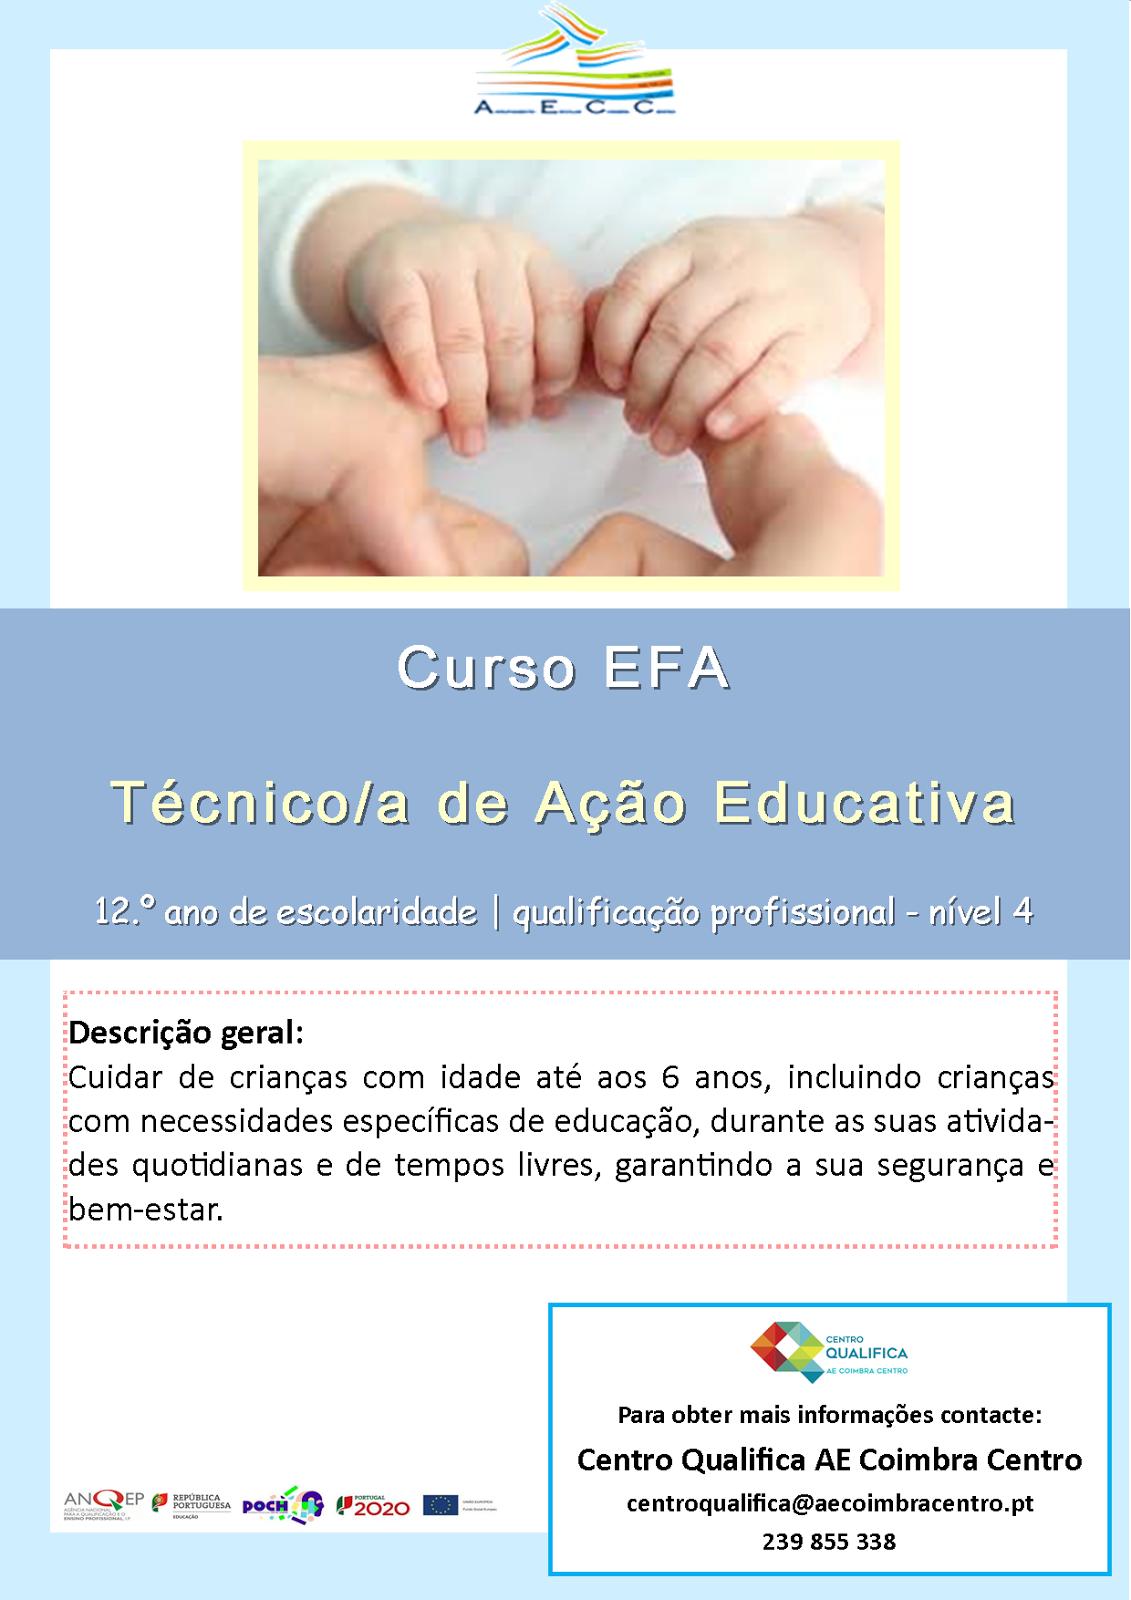 curso efa de ação educativa em Coimbra